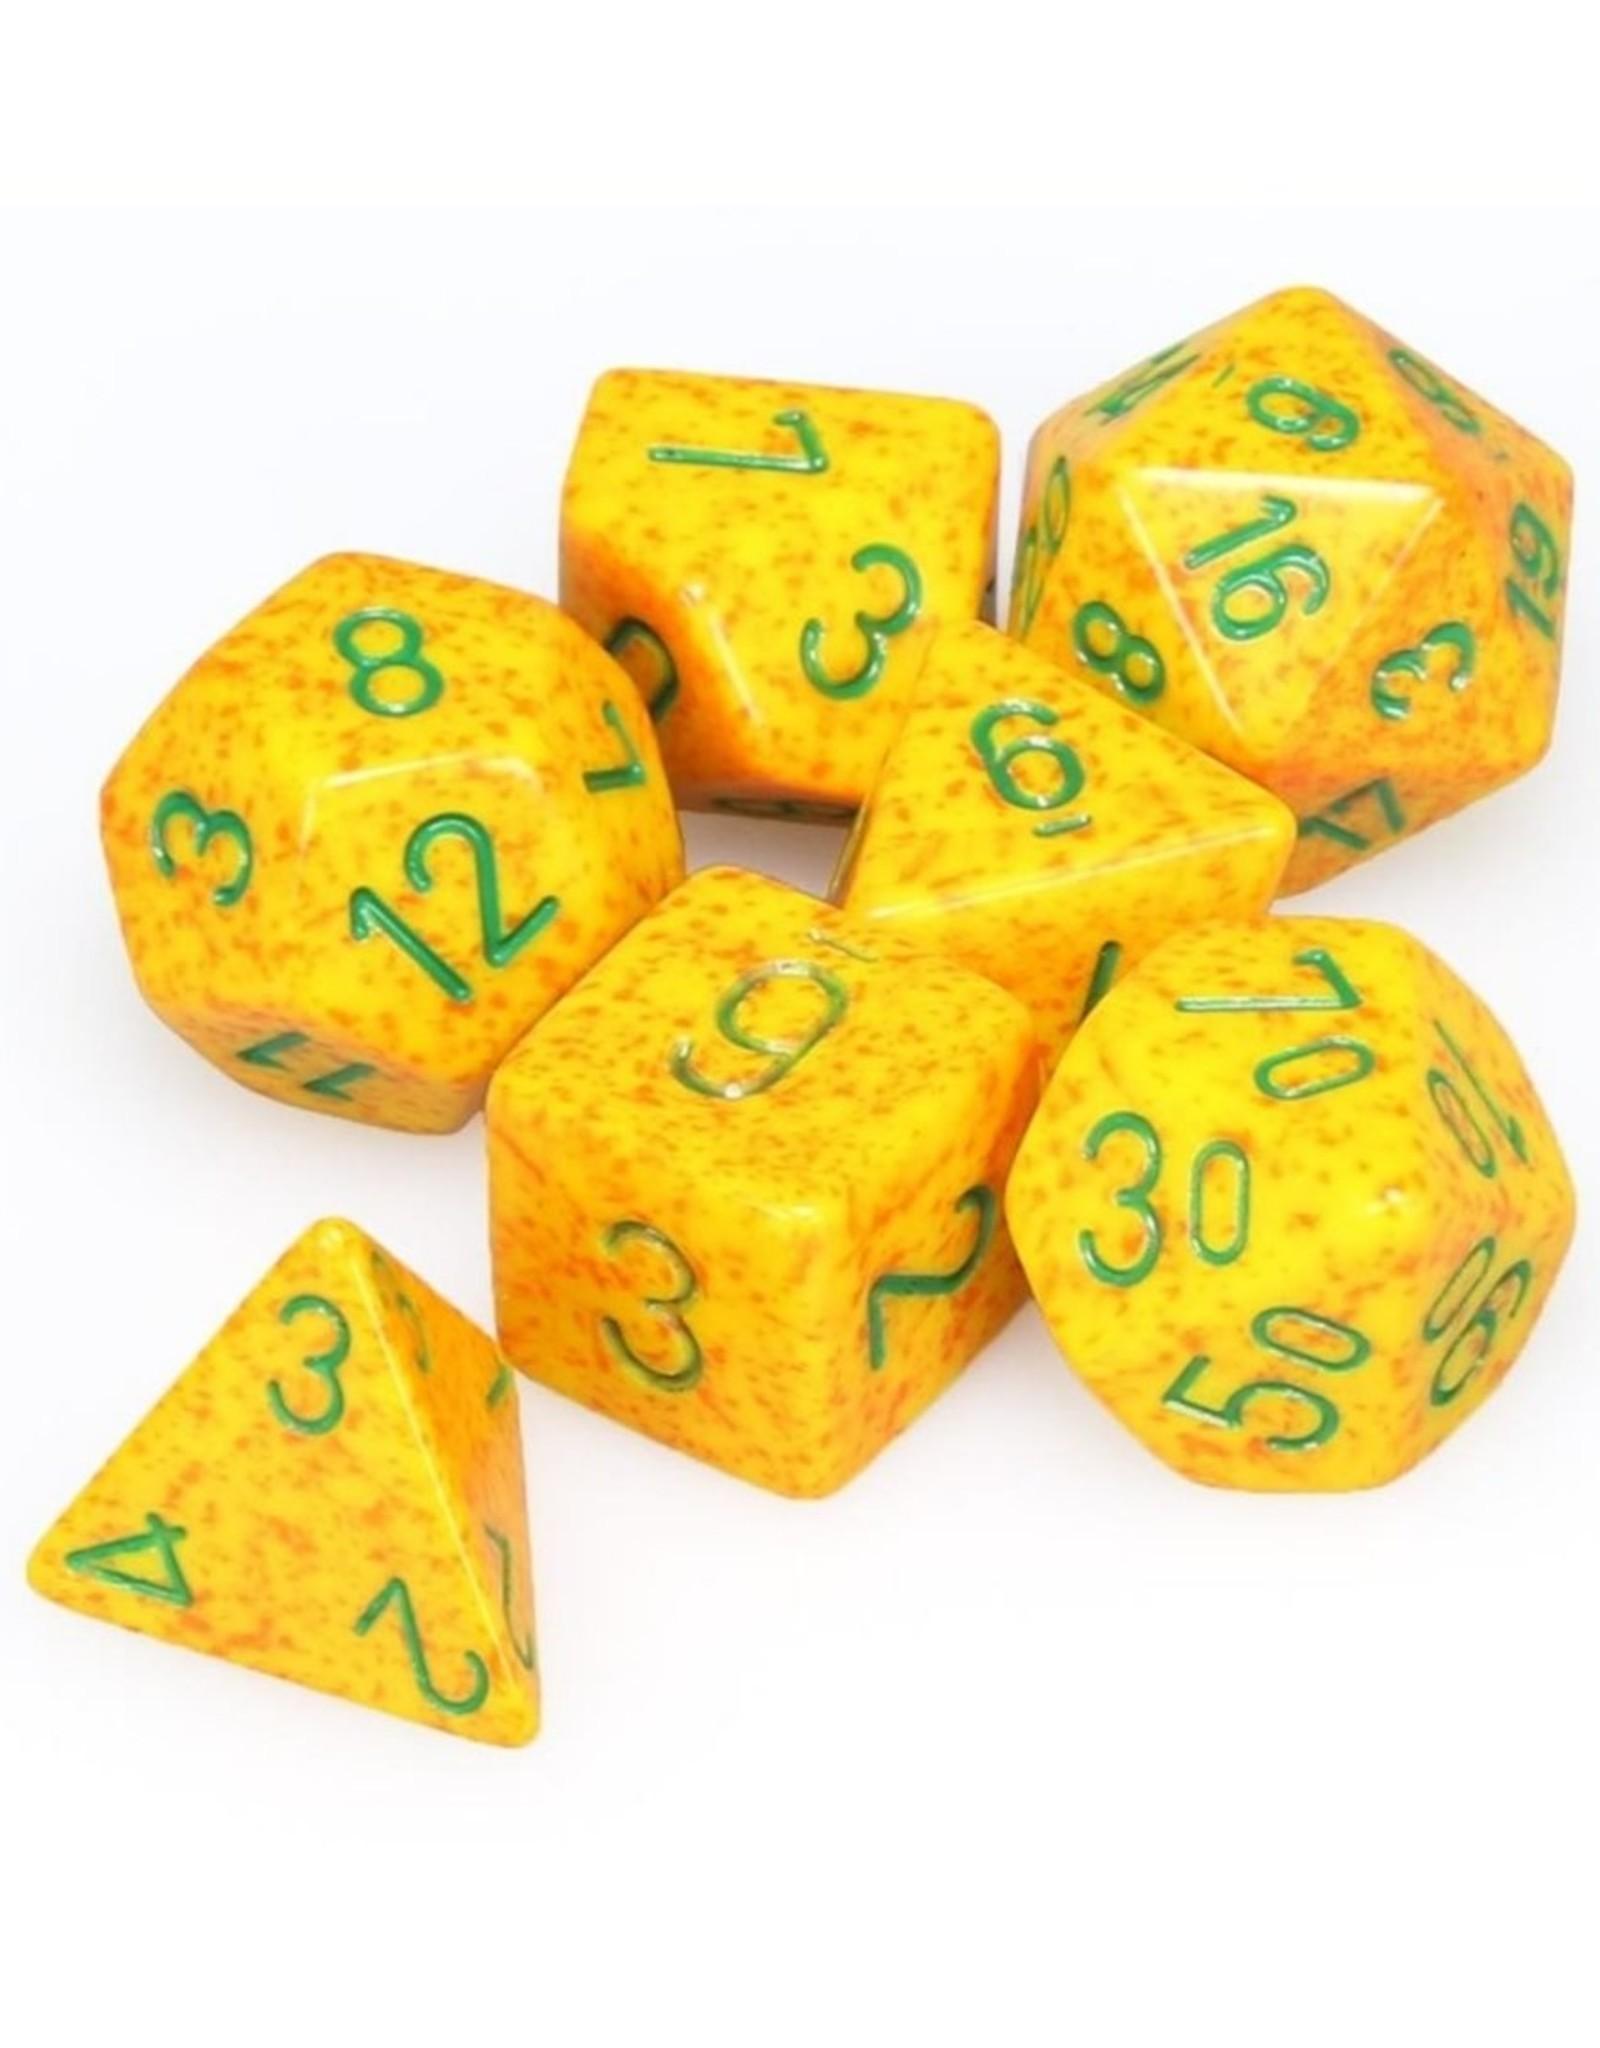 Chessex Chessex 7-Die set Speckled - Lotus